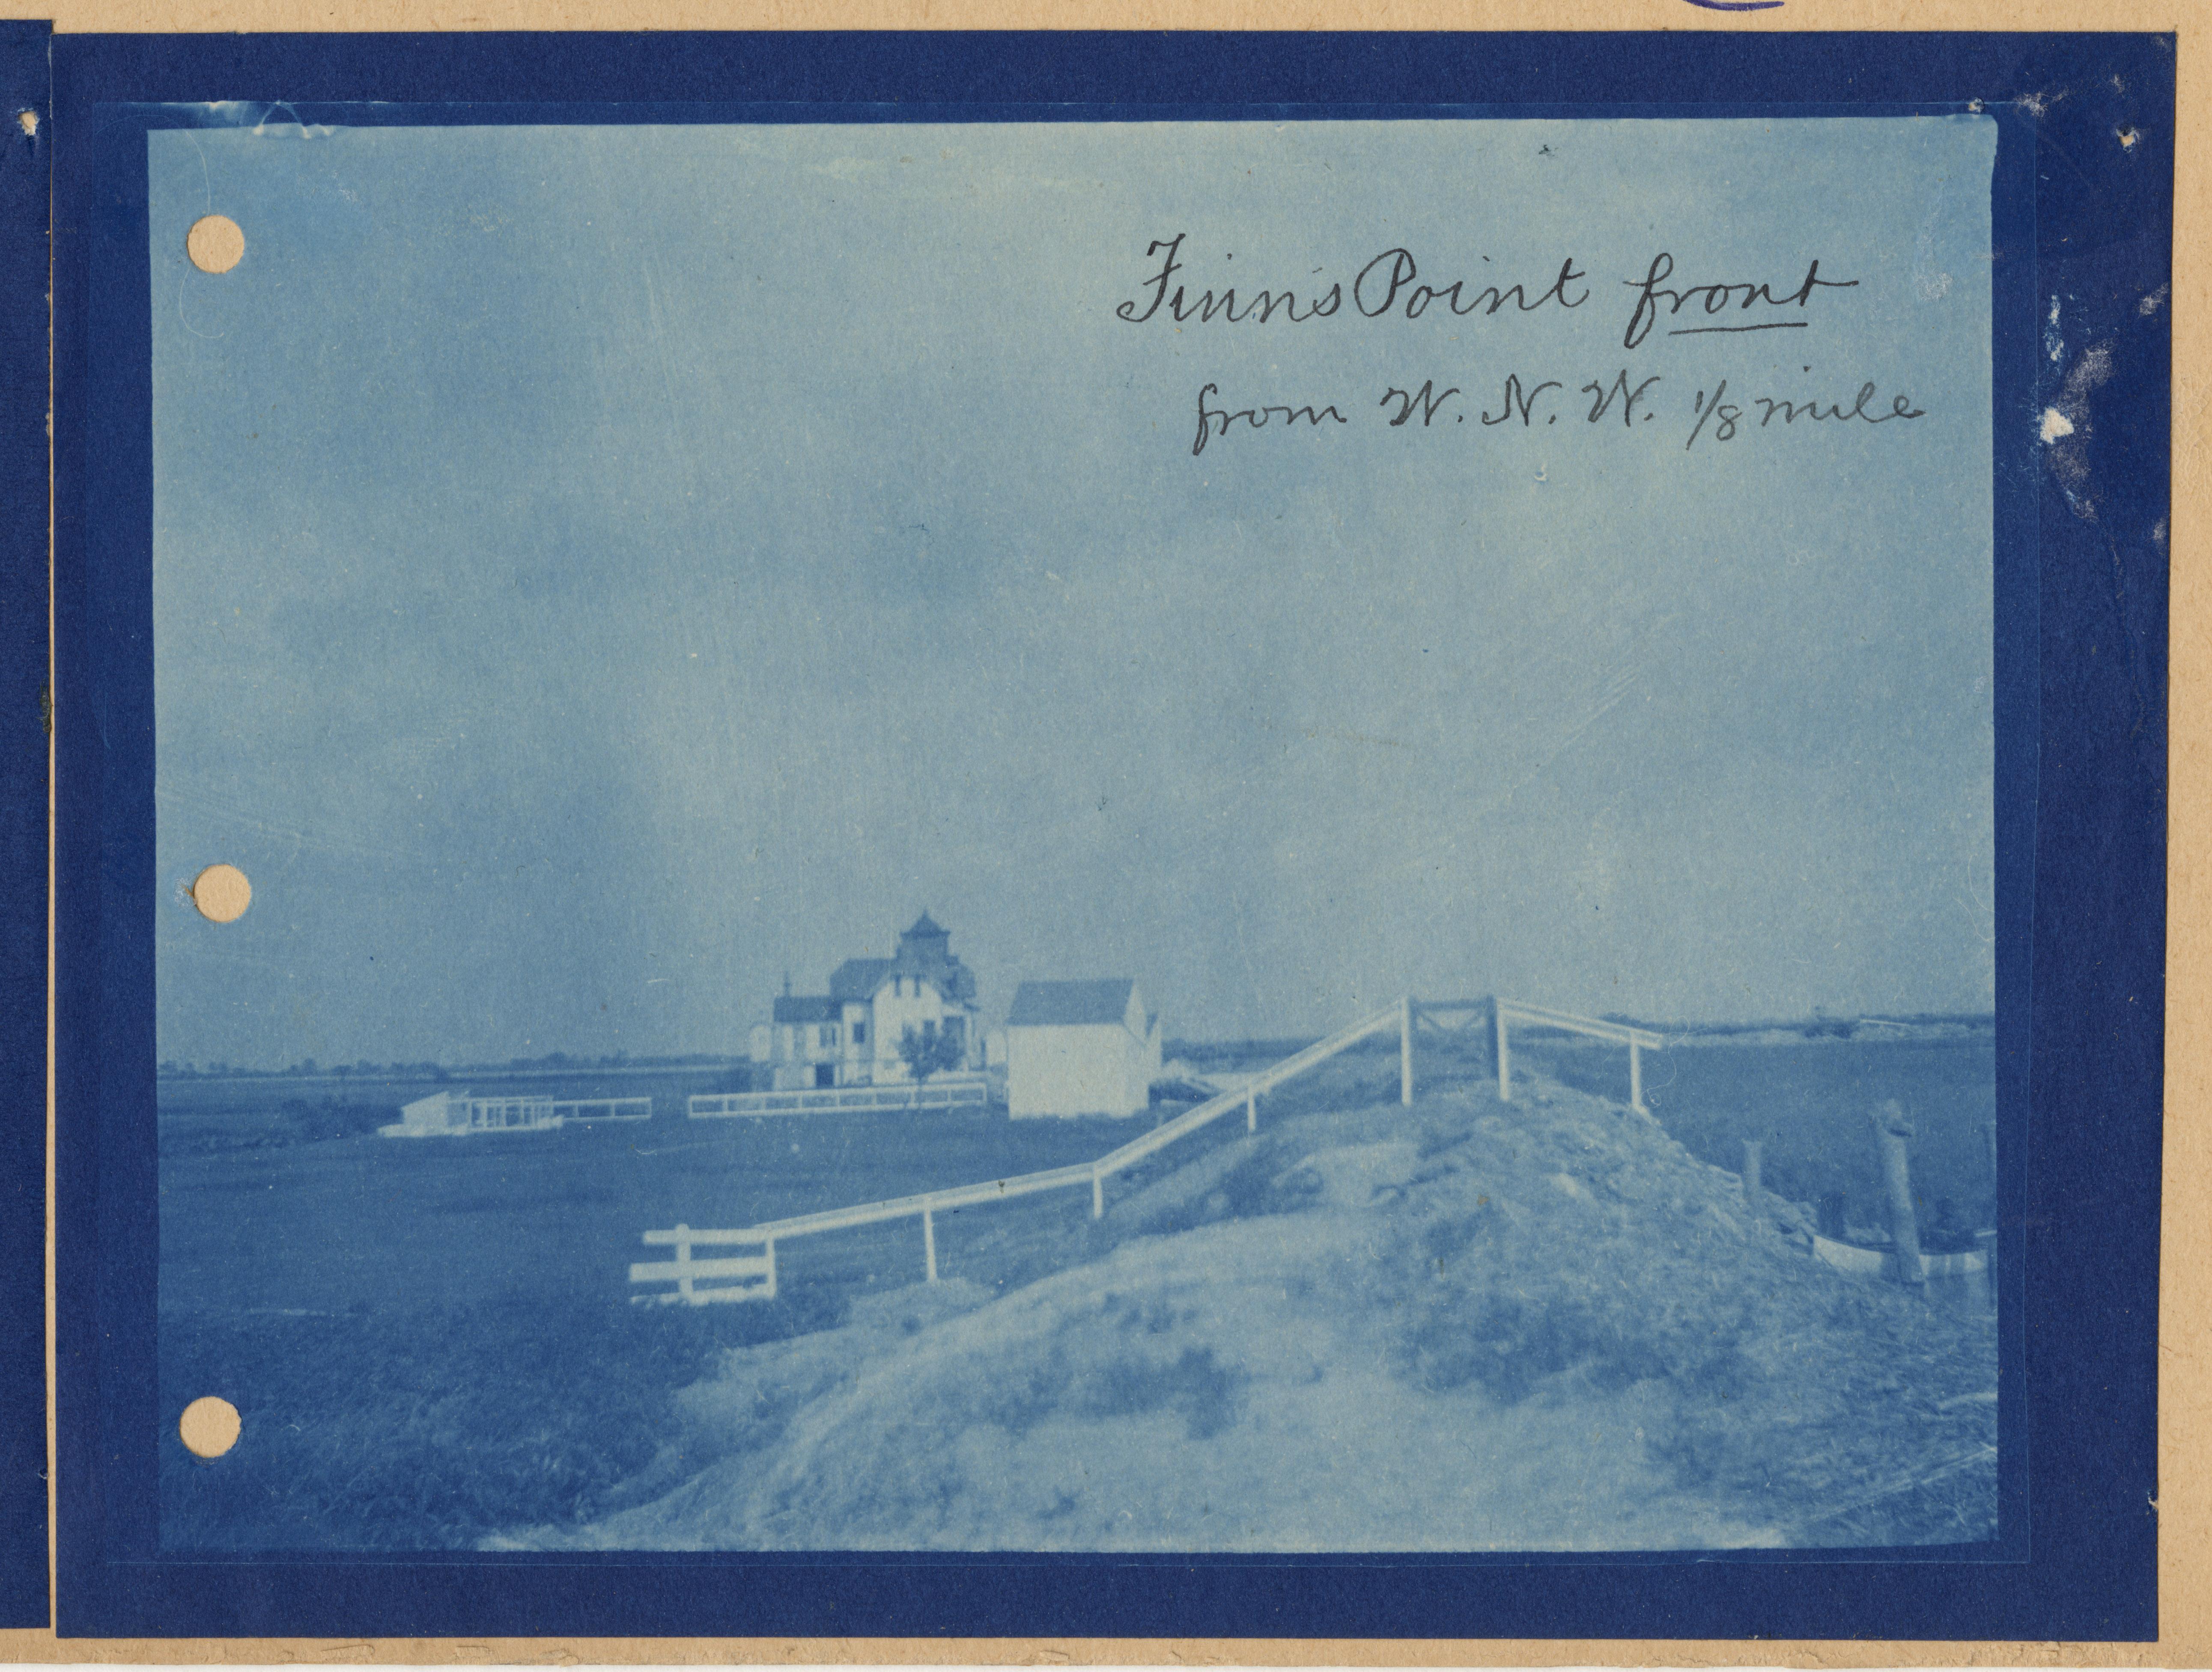 New Jersey - Finns Point